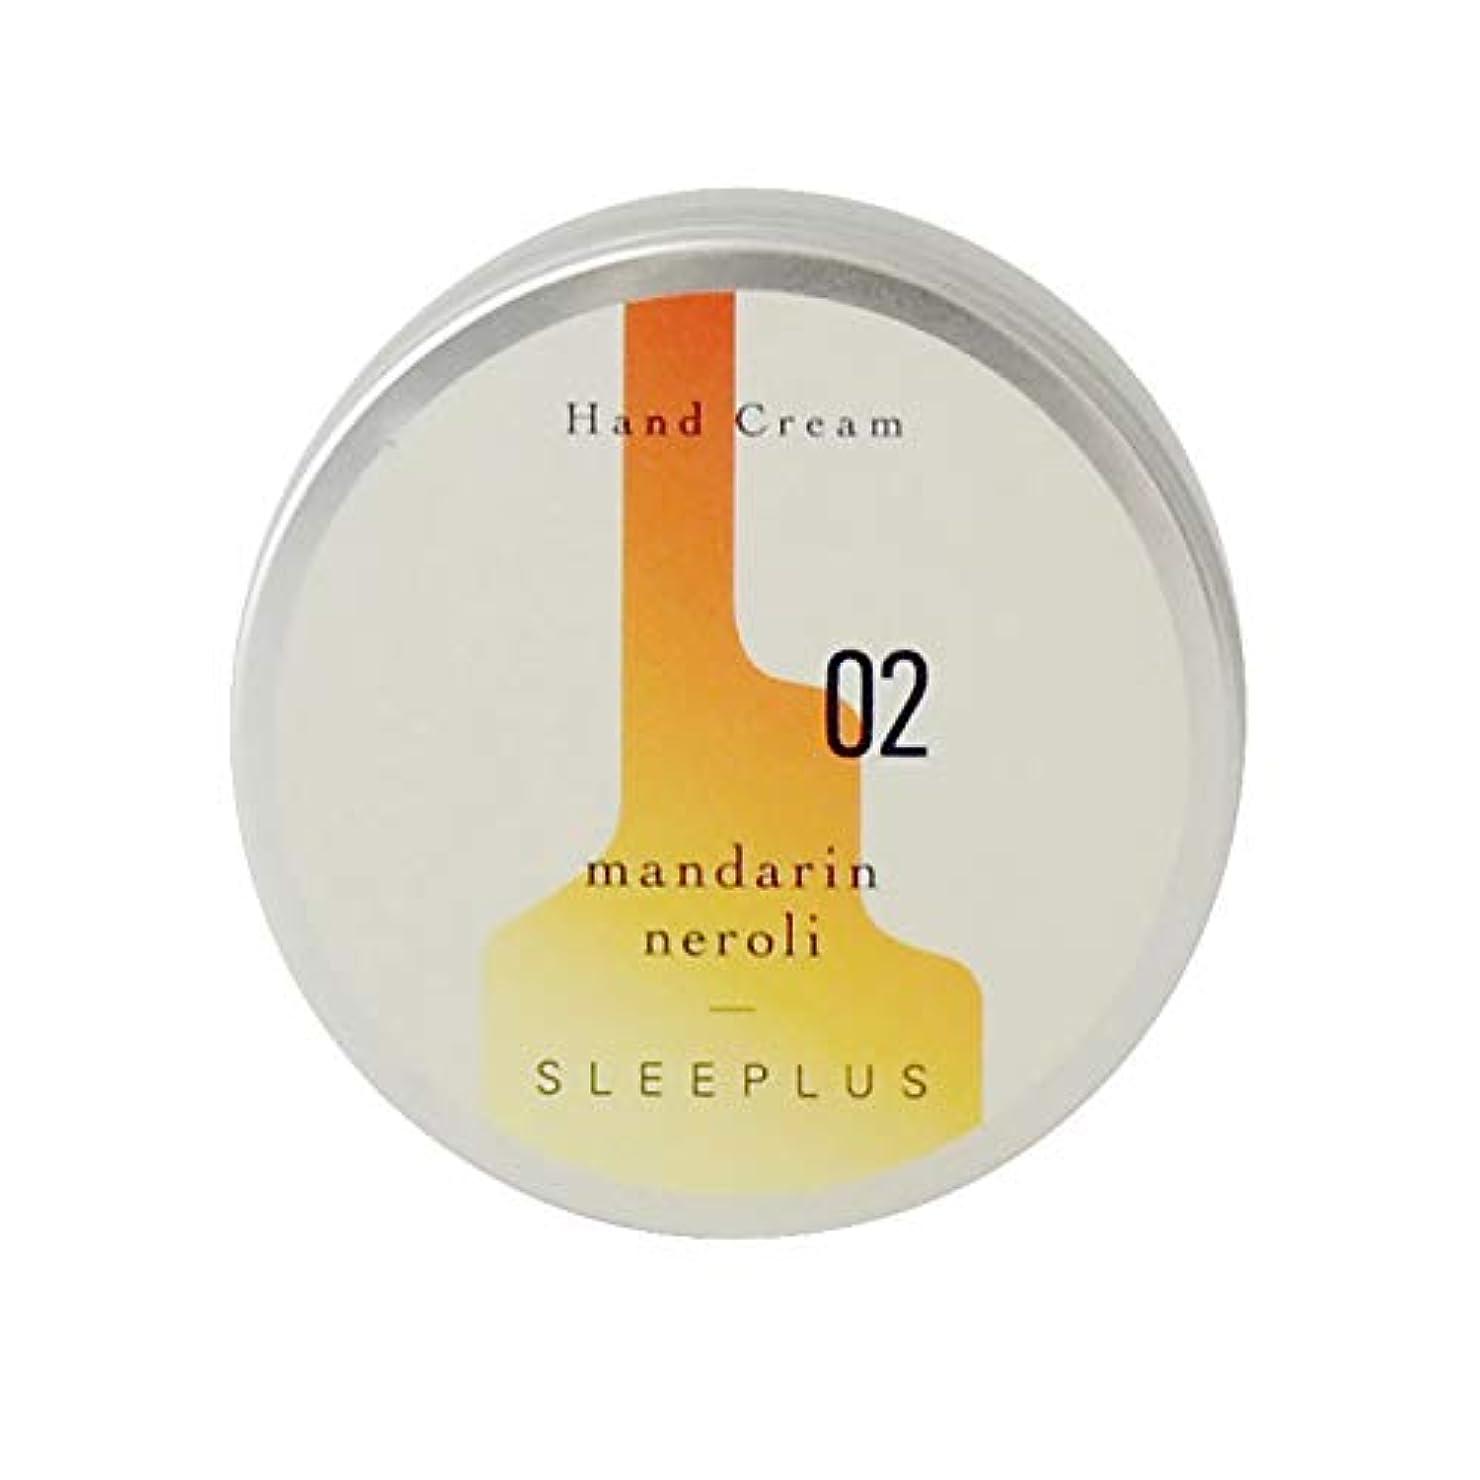 完全に保守可能チラチラするHeavenly Aroom ハンドクリーム SLEEPLUS 02 マンダリンネロリ 75g